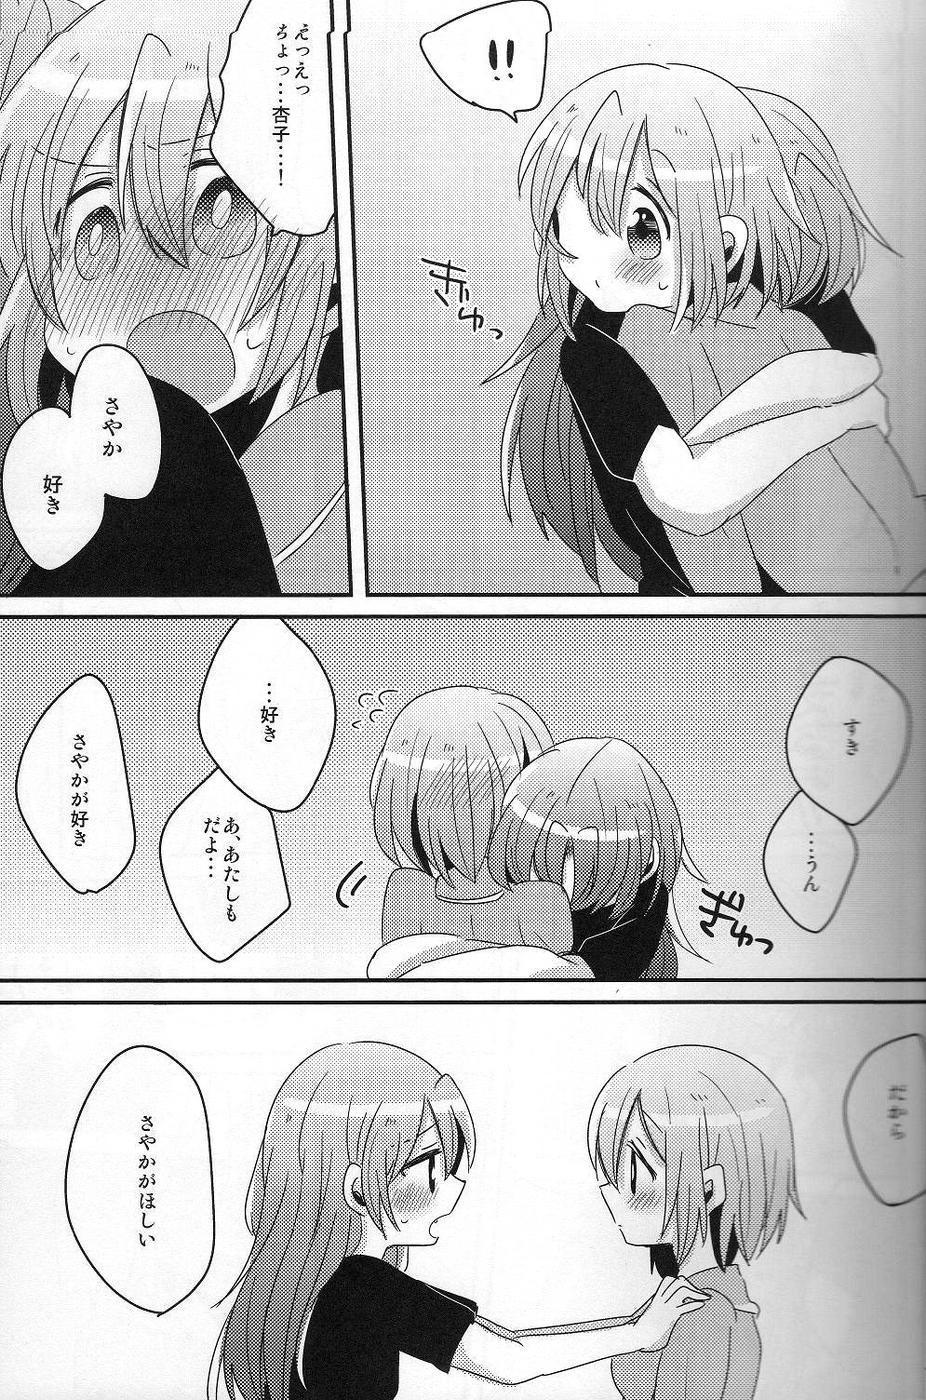 Hajimete no Koto 11